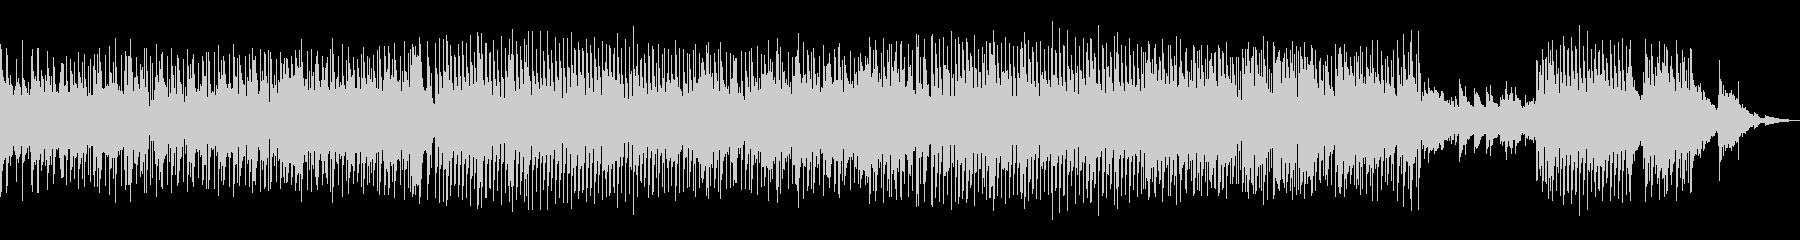 キュートなイメージの楽曲です。の未再生の波形